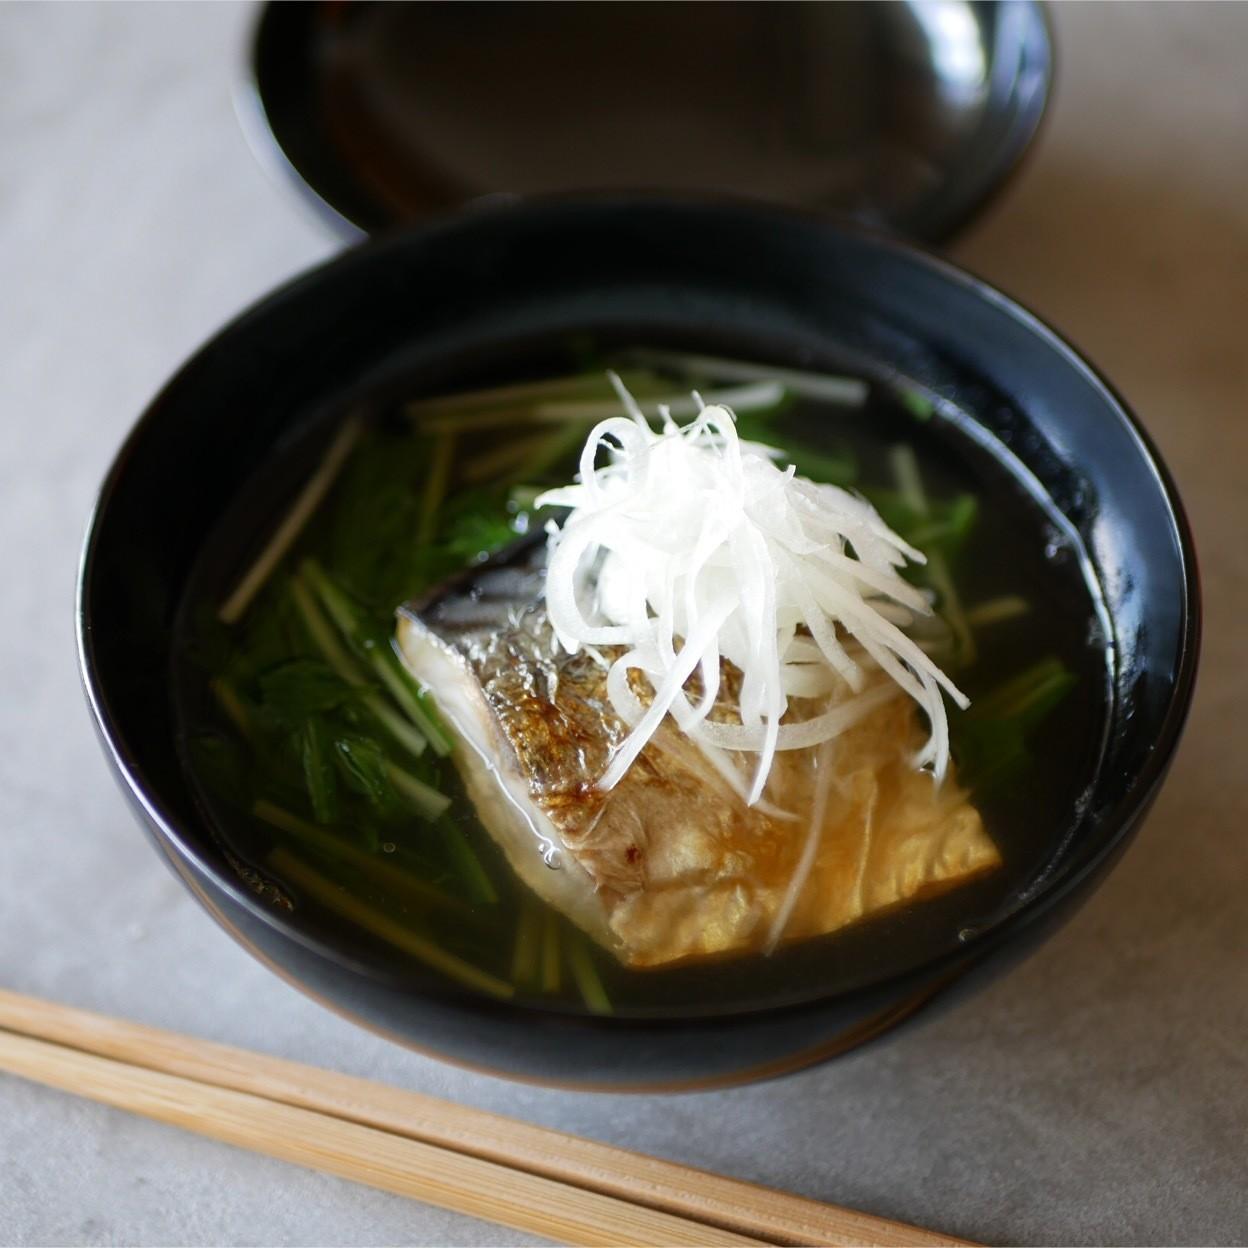 2019.5.26 焼きサバと水菜のお椀仕立て